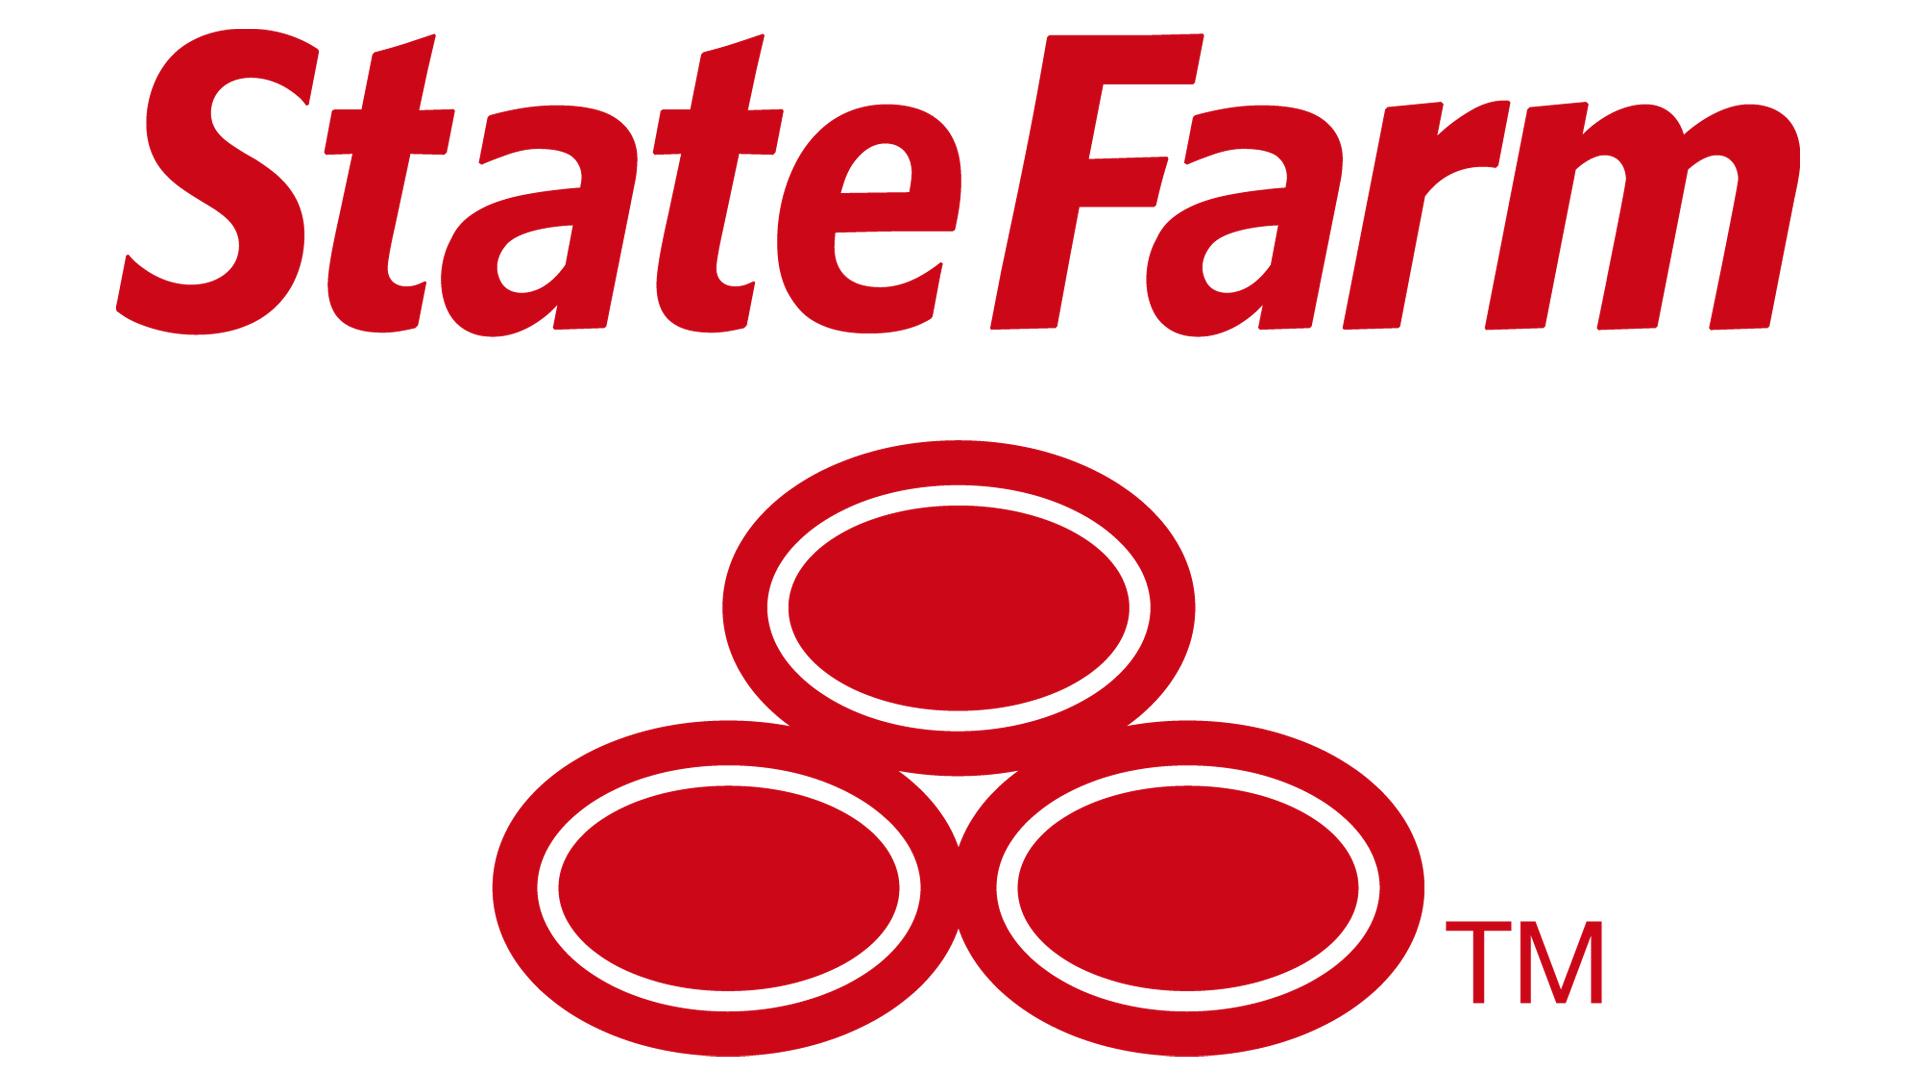 statefarm logo.jpg